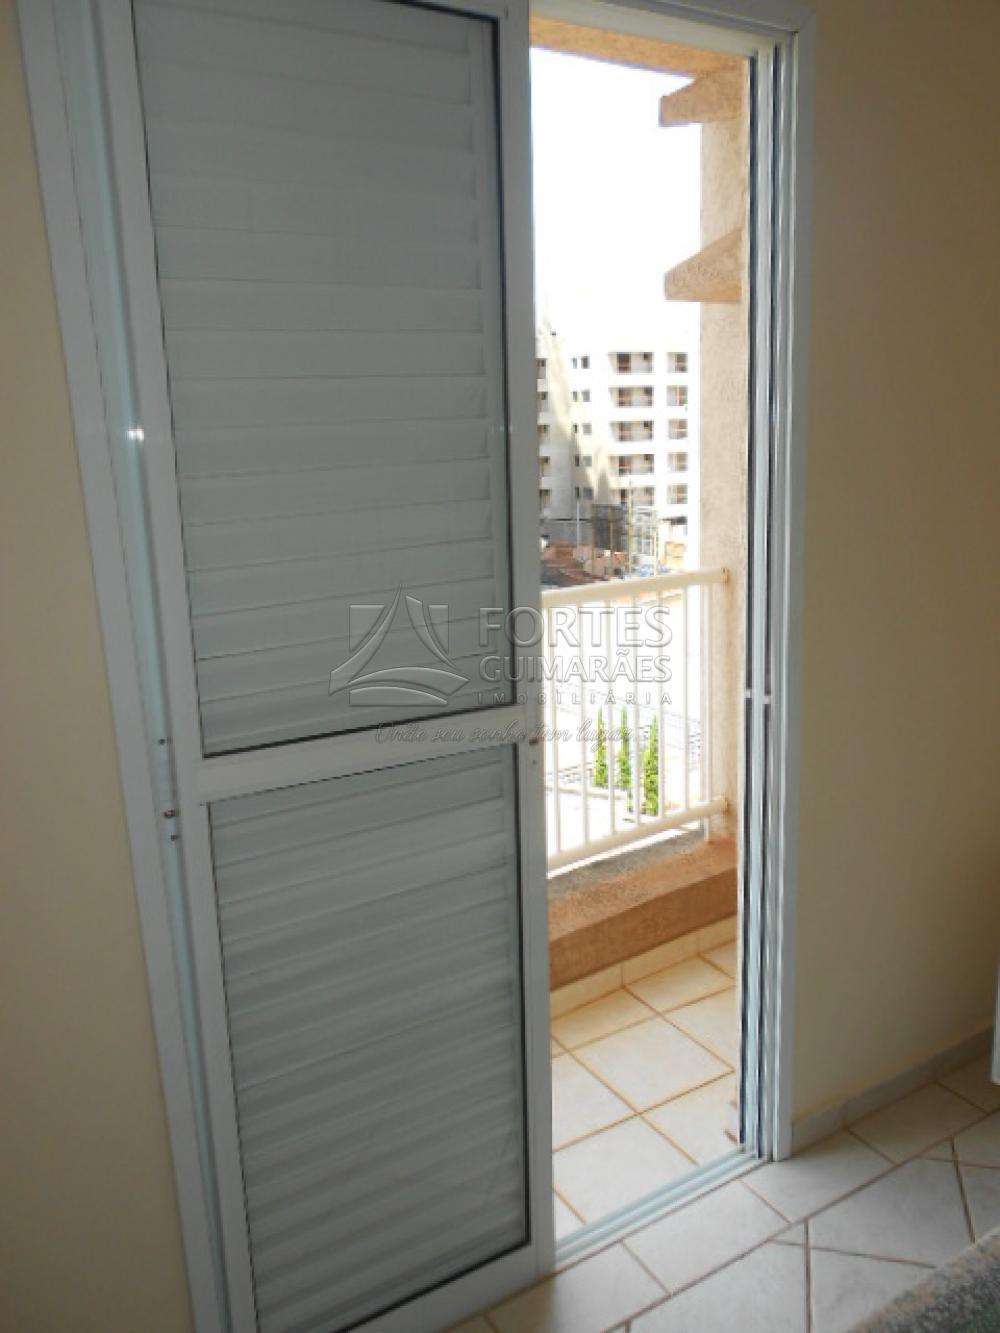 Alugar Apartamentos / Mobiliado em Ribeirão Preto apenas R$ 900,00 - Foto 11